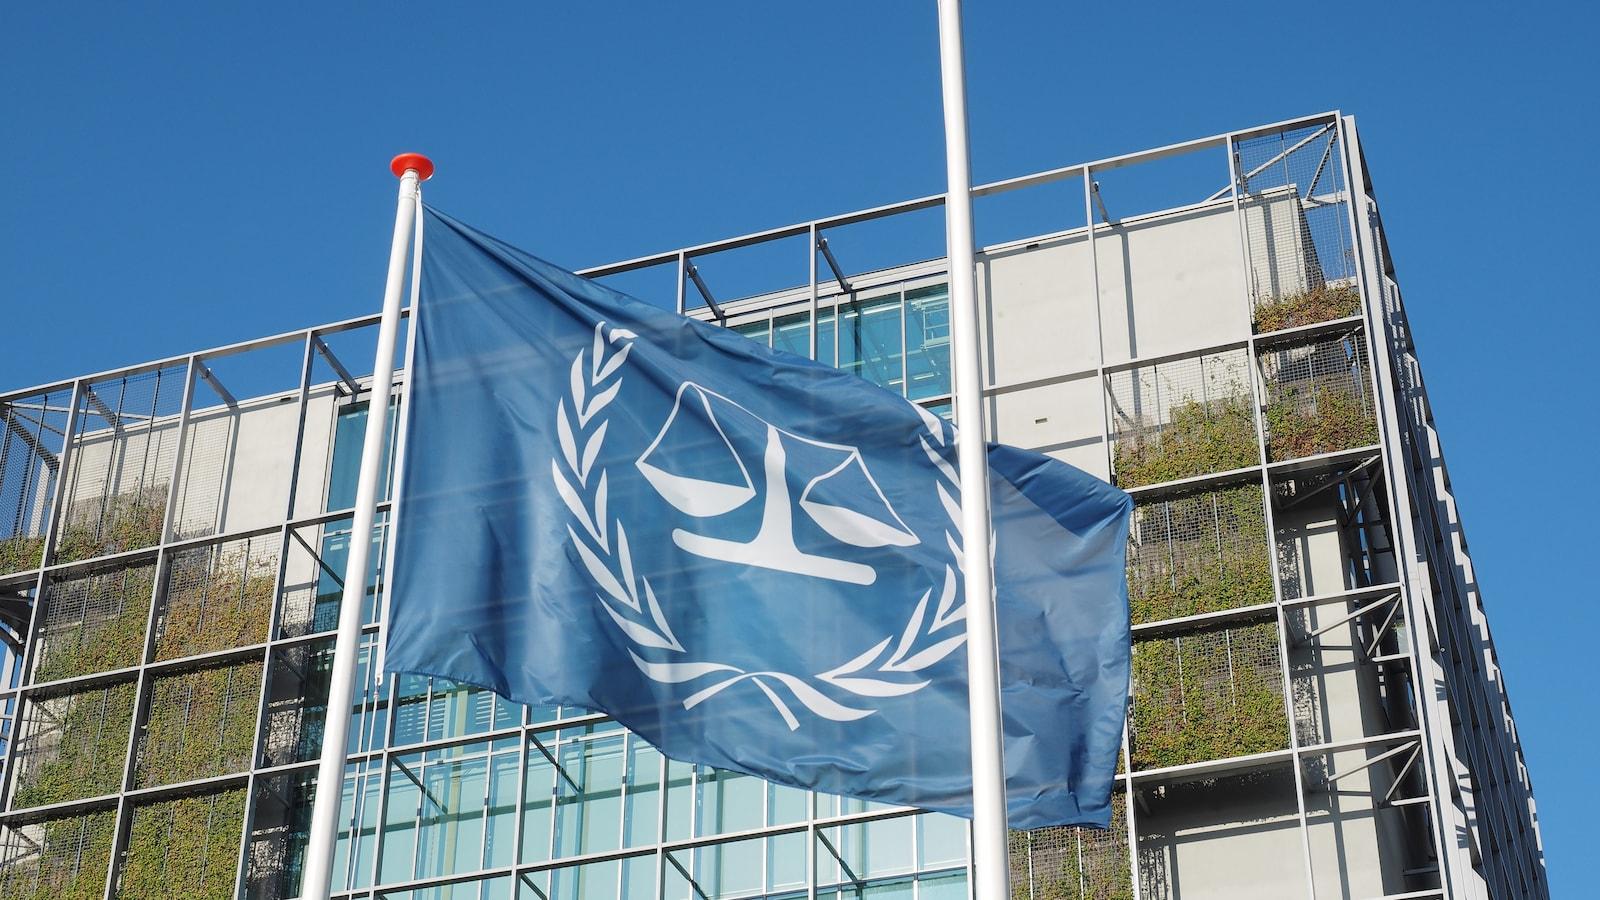 Le drapeau et l'édifice de la Cour pénale internationale à La Haye au Pays-Bas.